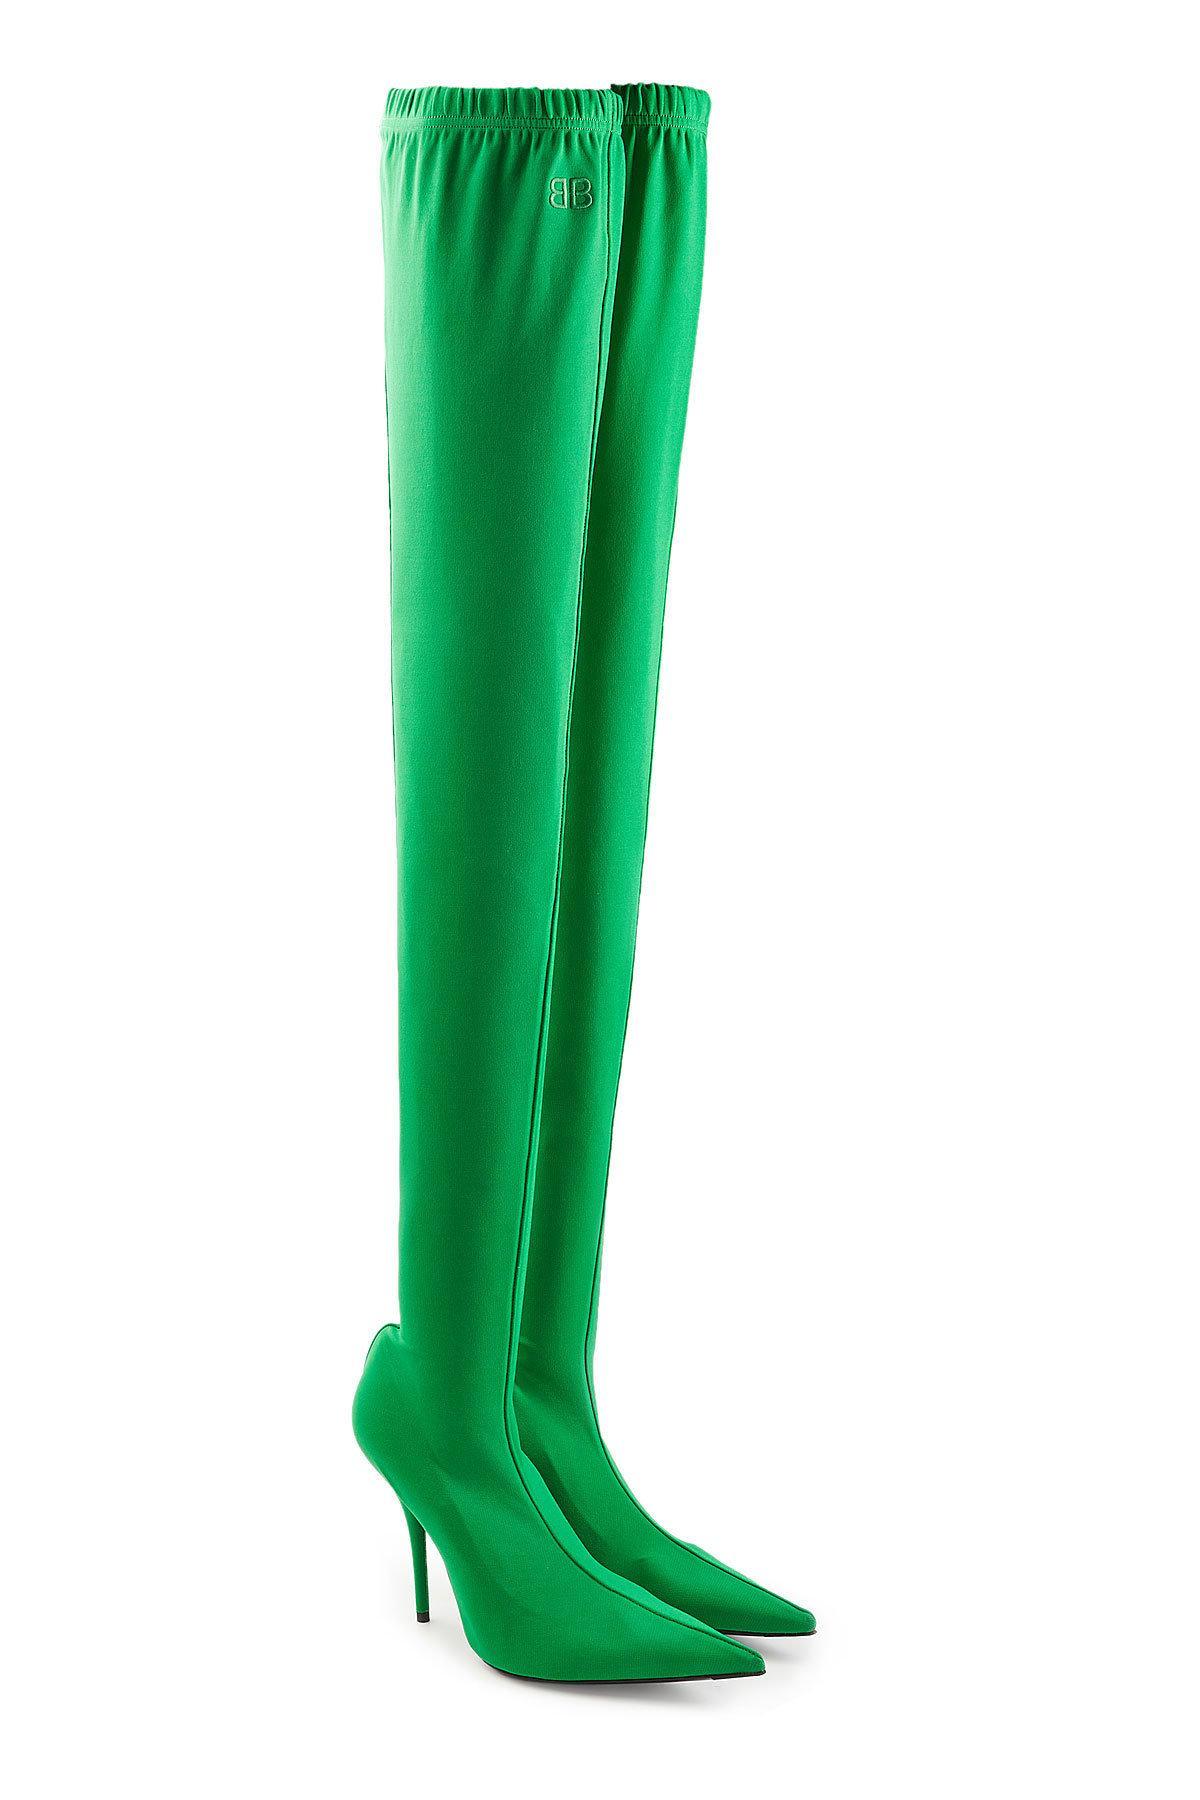 Balenciaga Thigh-High Stiletto Boots In Green